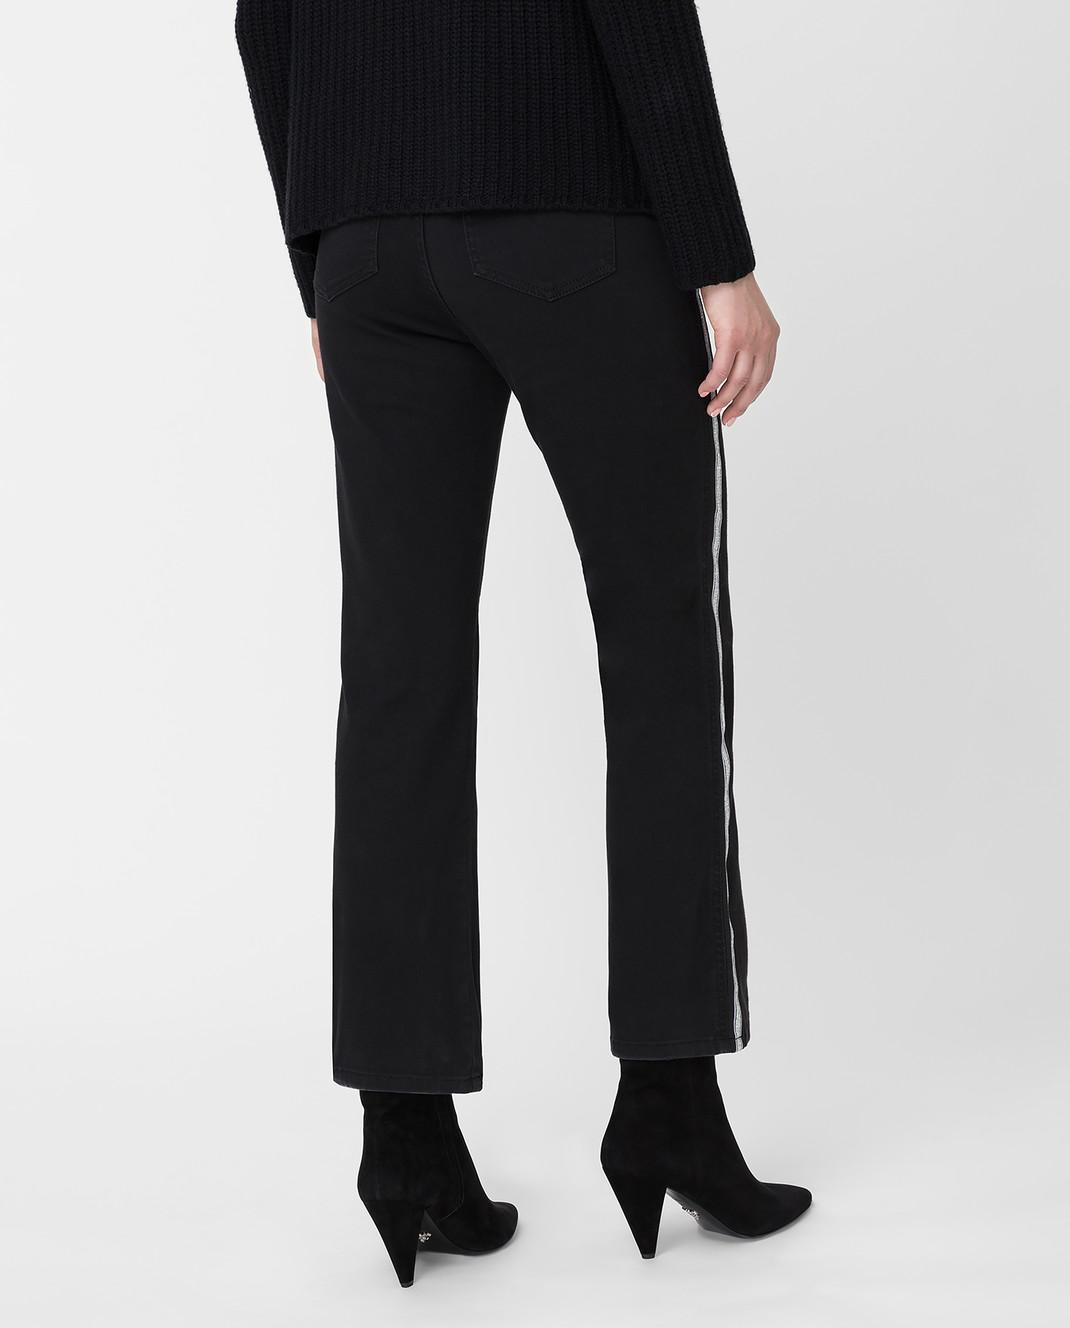 Ermanno Черные джинсы JL10 изображение 4